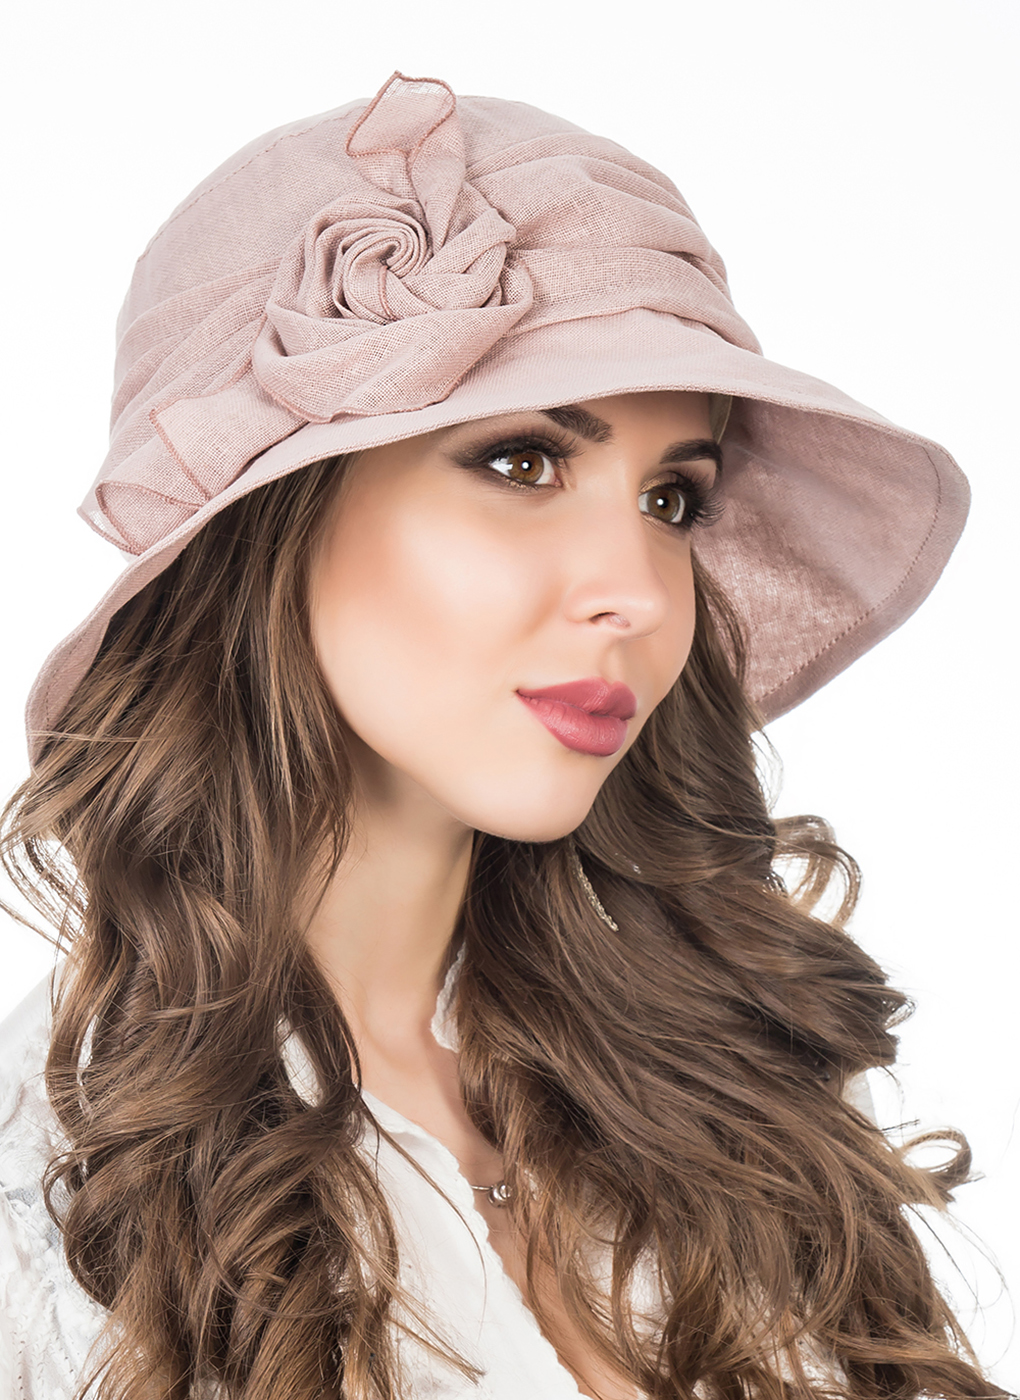 Льняная шляпа 04, Level Pro фото